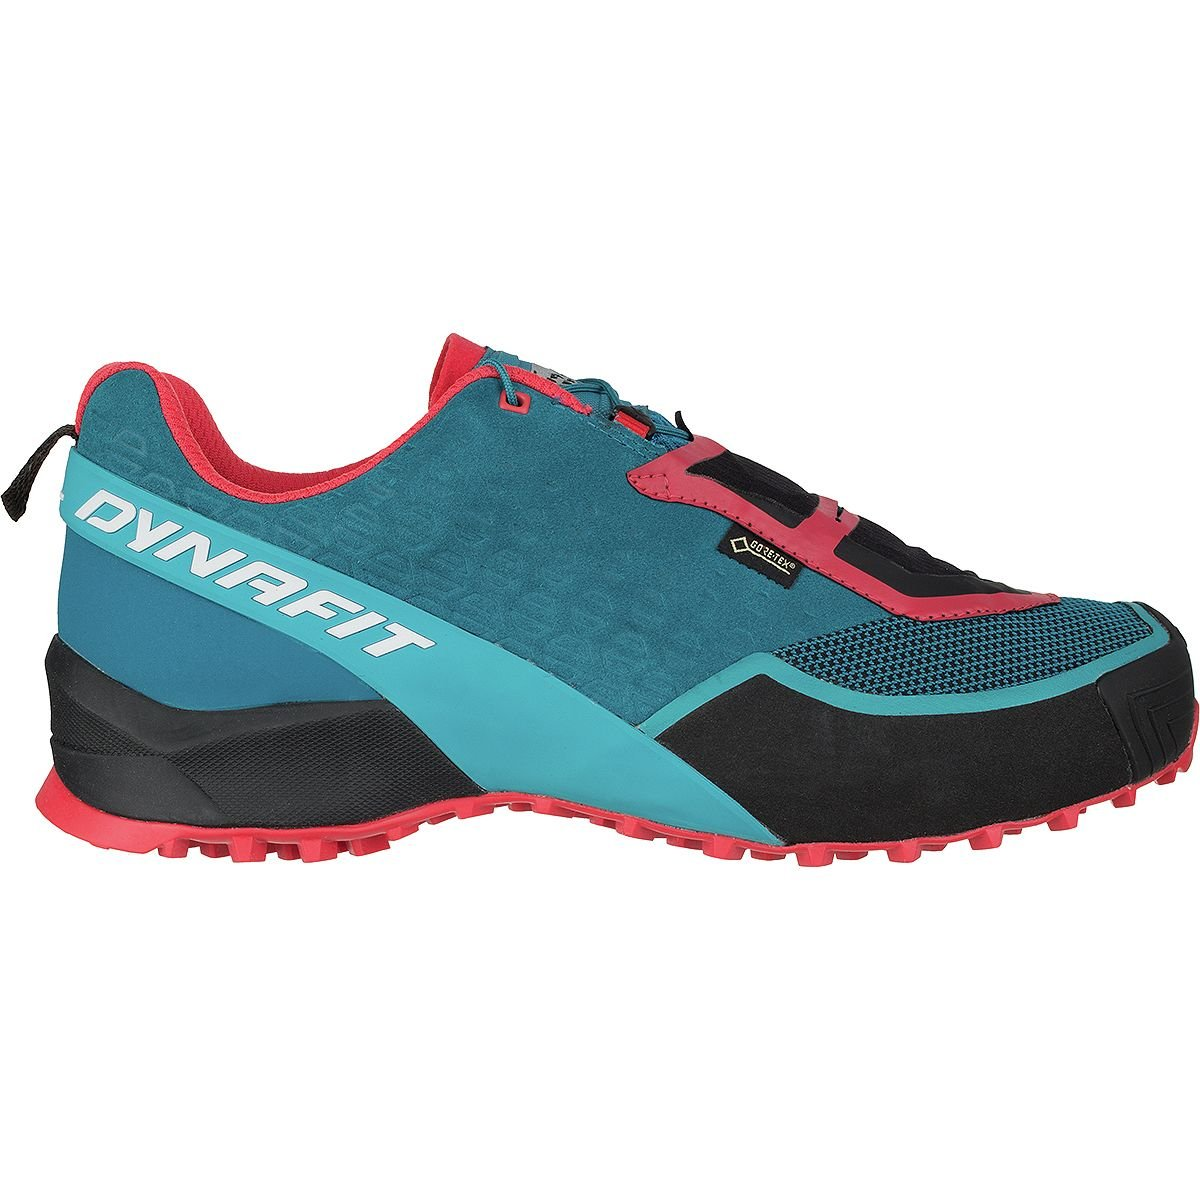 数量限定セール  [ダイナフィット] レディース ランニング MTN Speed MTN 10 Gore-Tex Trail Running ランニング Shoe [並行輸入品] B07FN8M1CR 10, 川越市:28612f66 --- mail.hitlerdenim.com